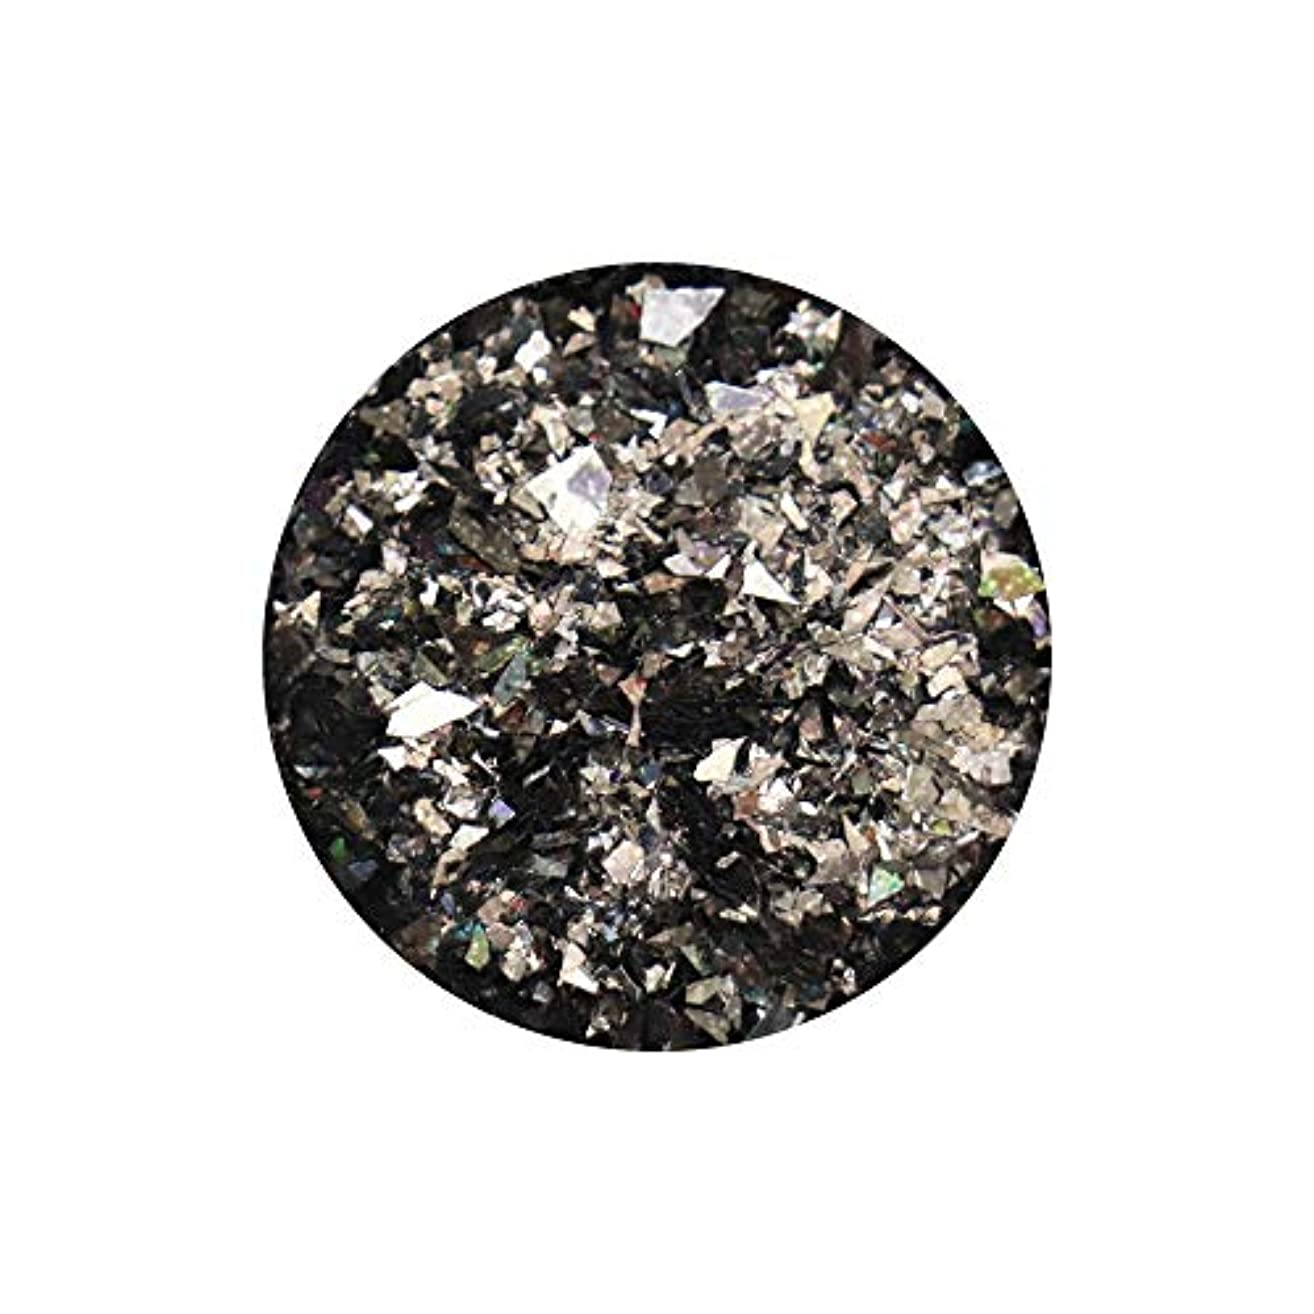 ランダムフレークホログラム 約1g ブラック ネイルアート ジェルネイル レジン ホログラム グリッター